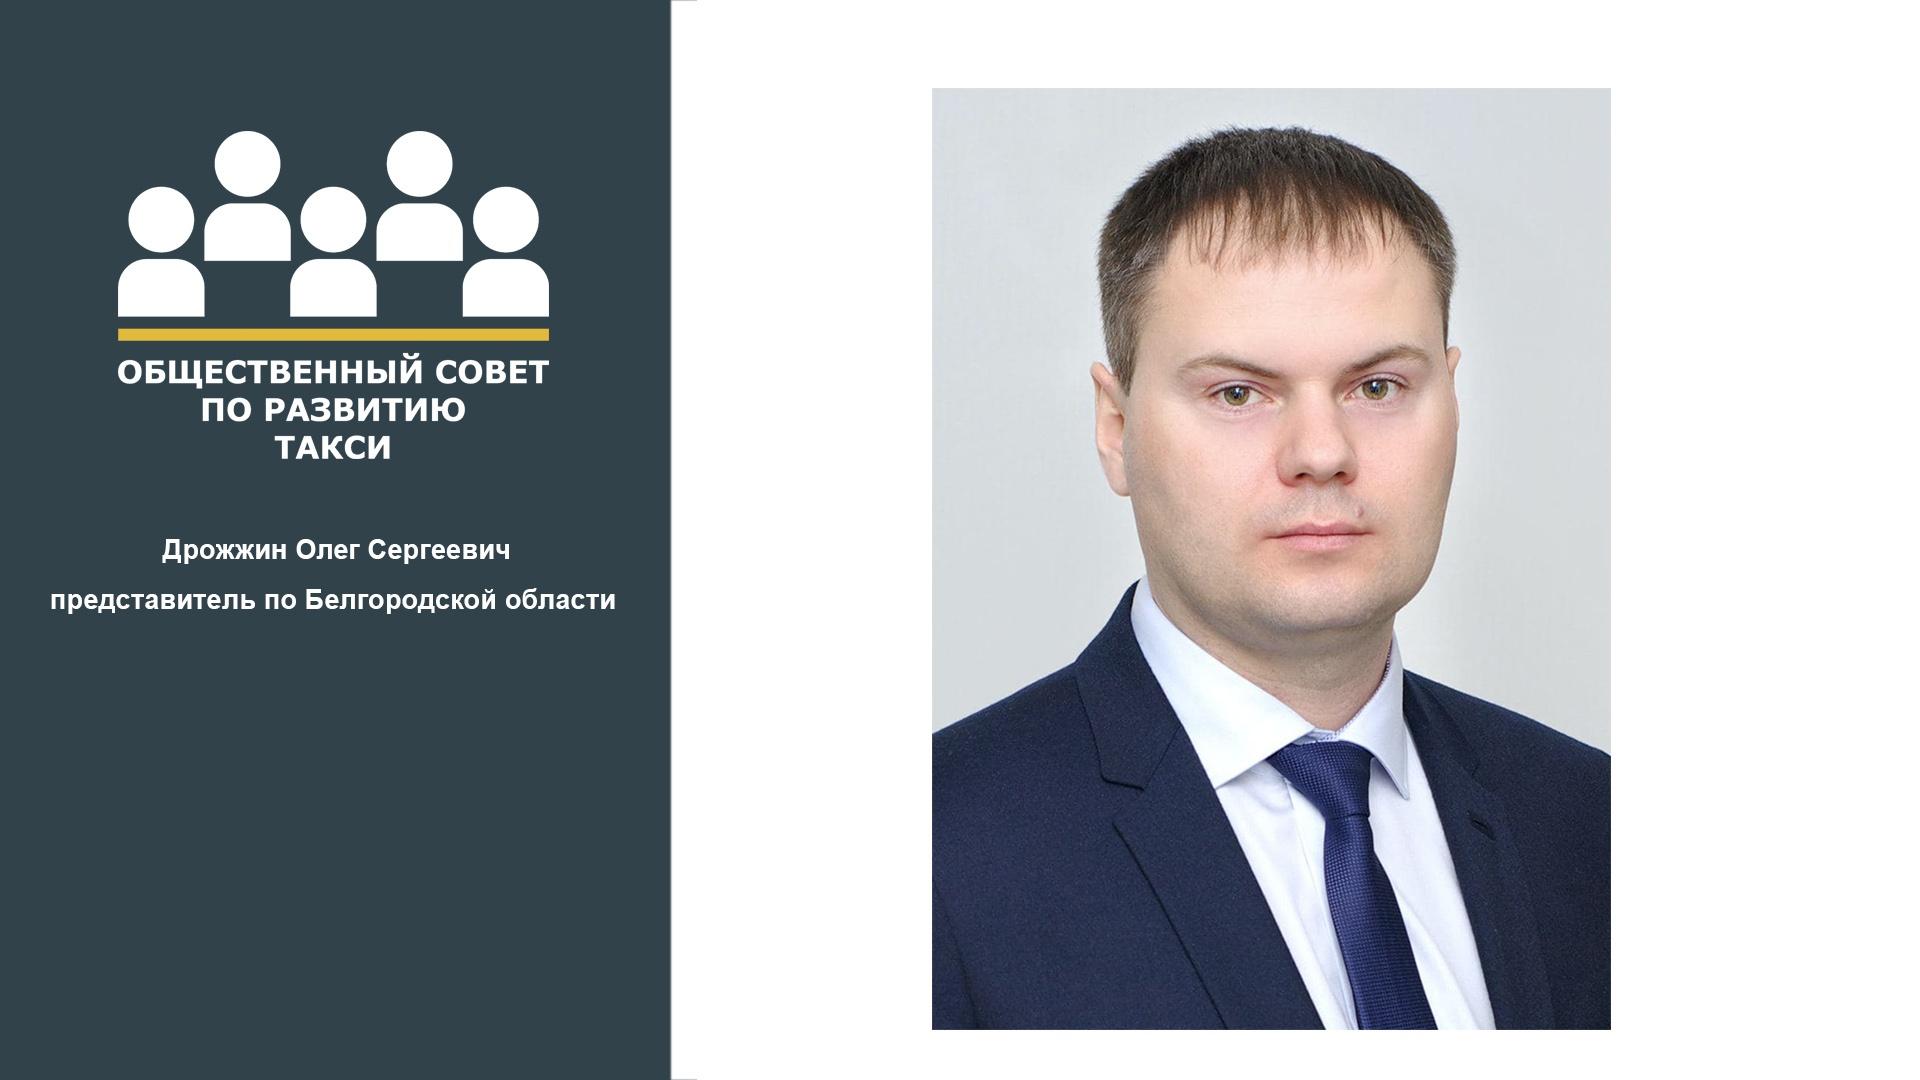 Приветствуем нового участника Общественного Совета по развитию такси Дрожжина Олега Сергеевича